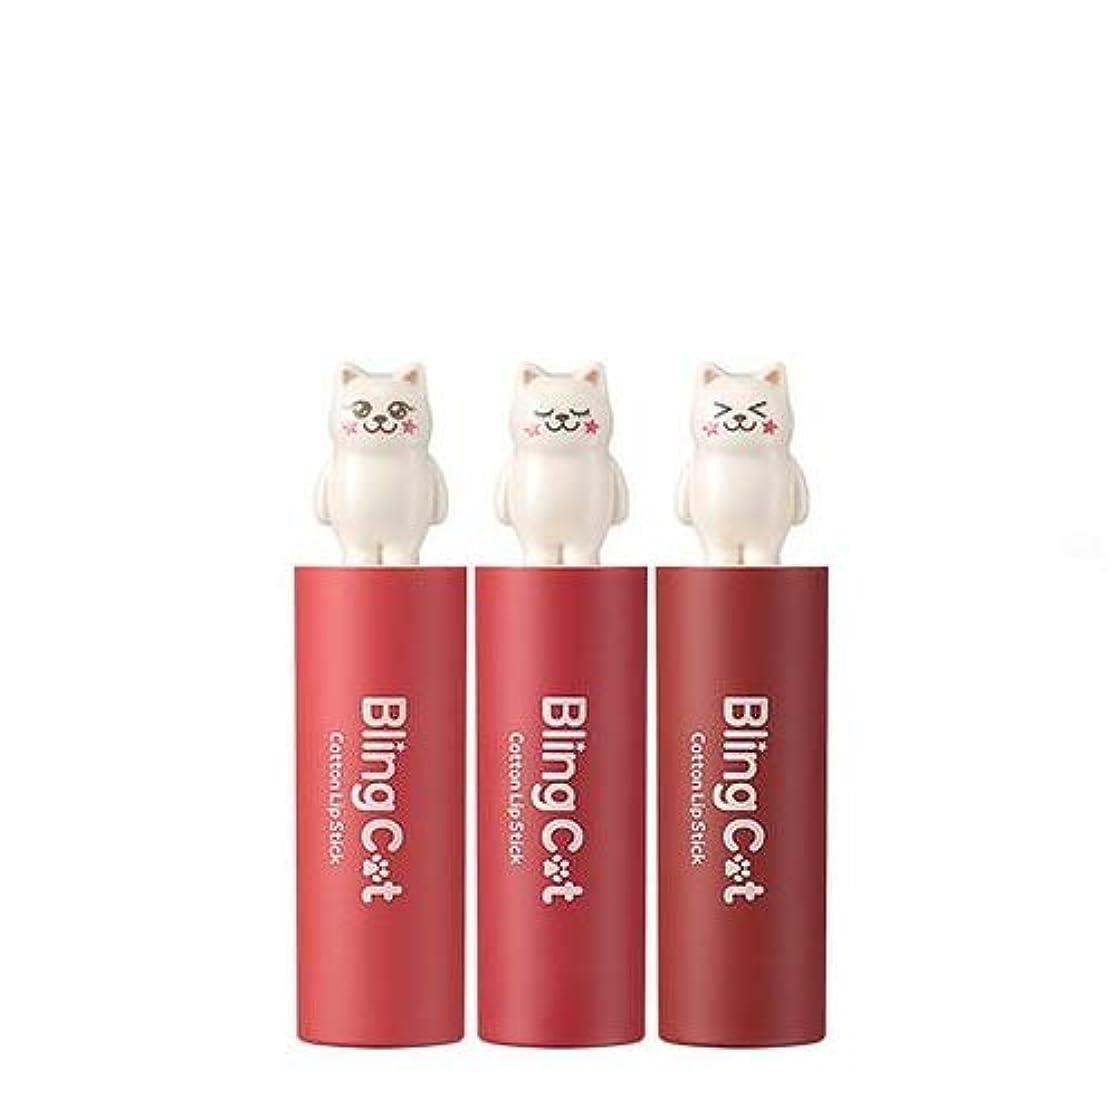 トニーモリー ブリングキャット コットン リップスティック 3.4g / TONYMOLY Bling Cat Cotton Lipstick # 10. Black Tea Plum [並行輸入品]